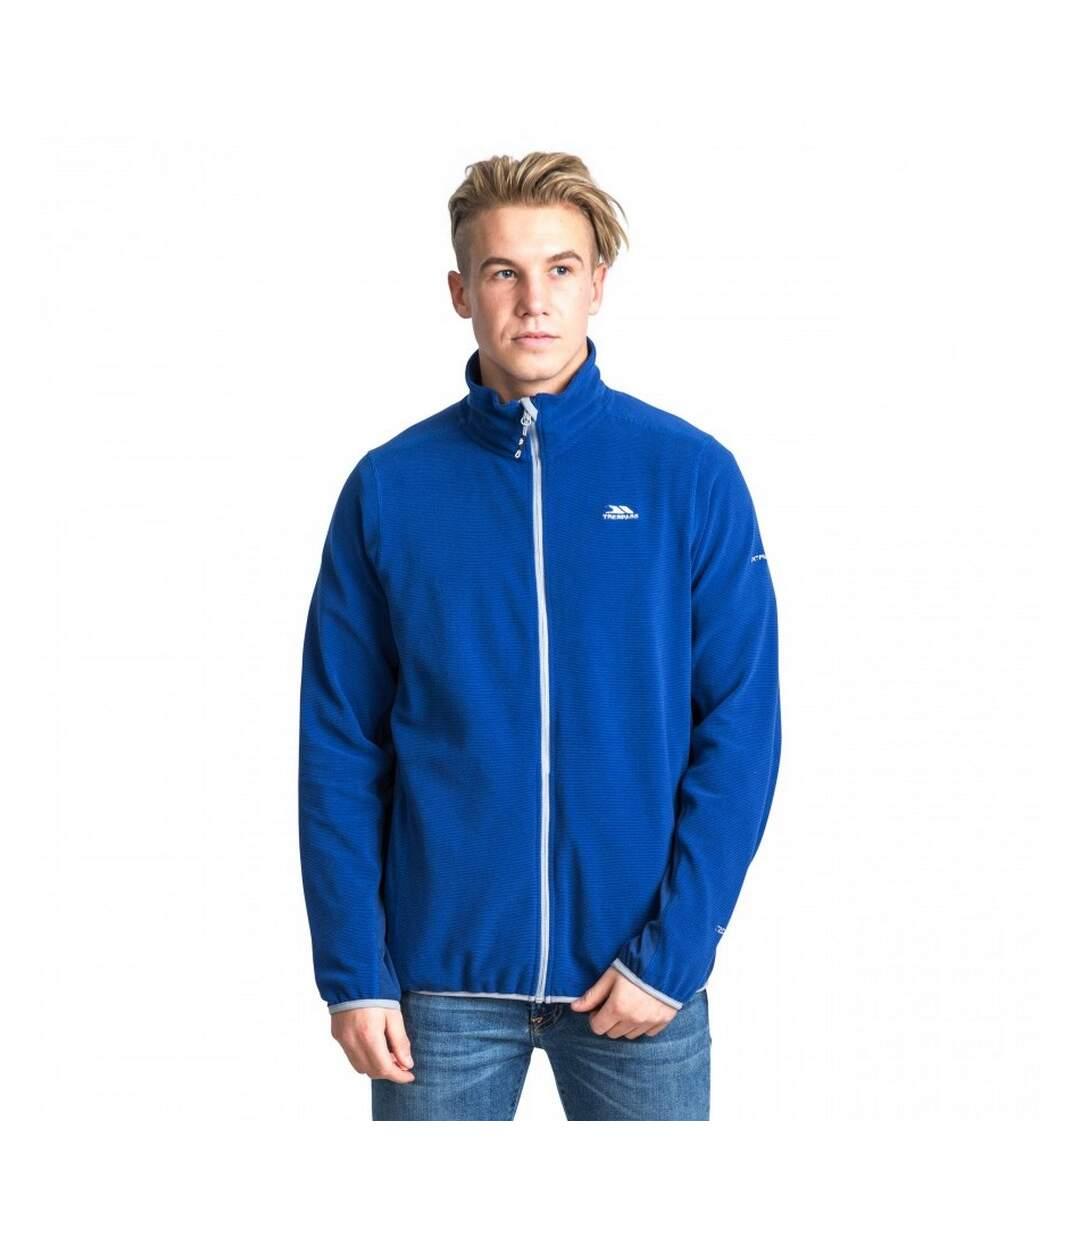 Trespass Mens Mirth Fleece Jacket (Navy Stripe) - UTTP4146